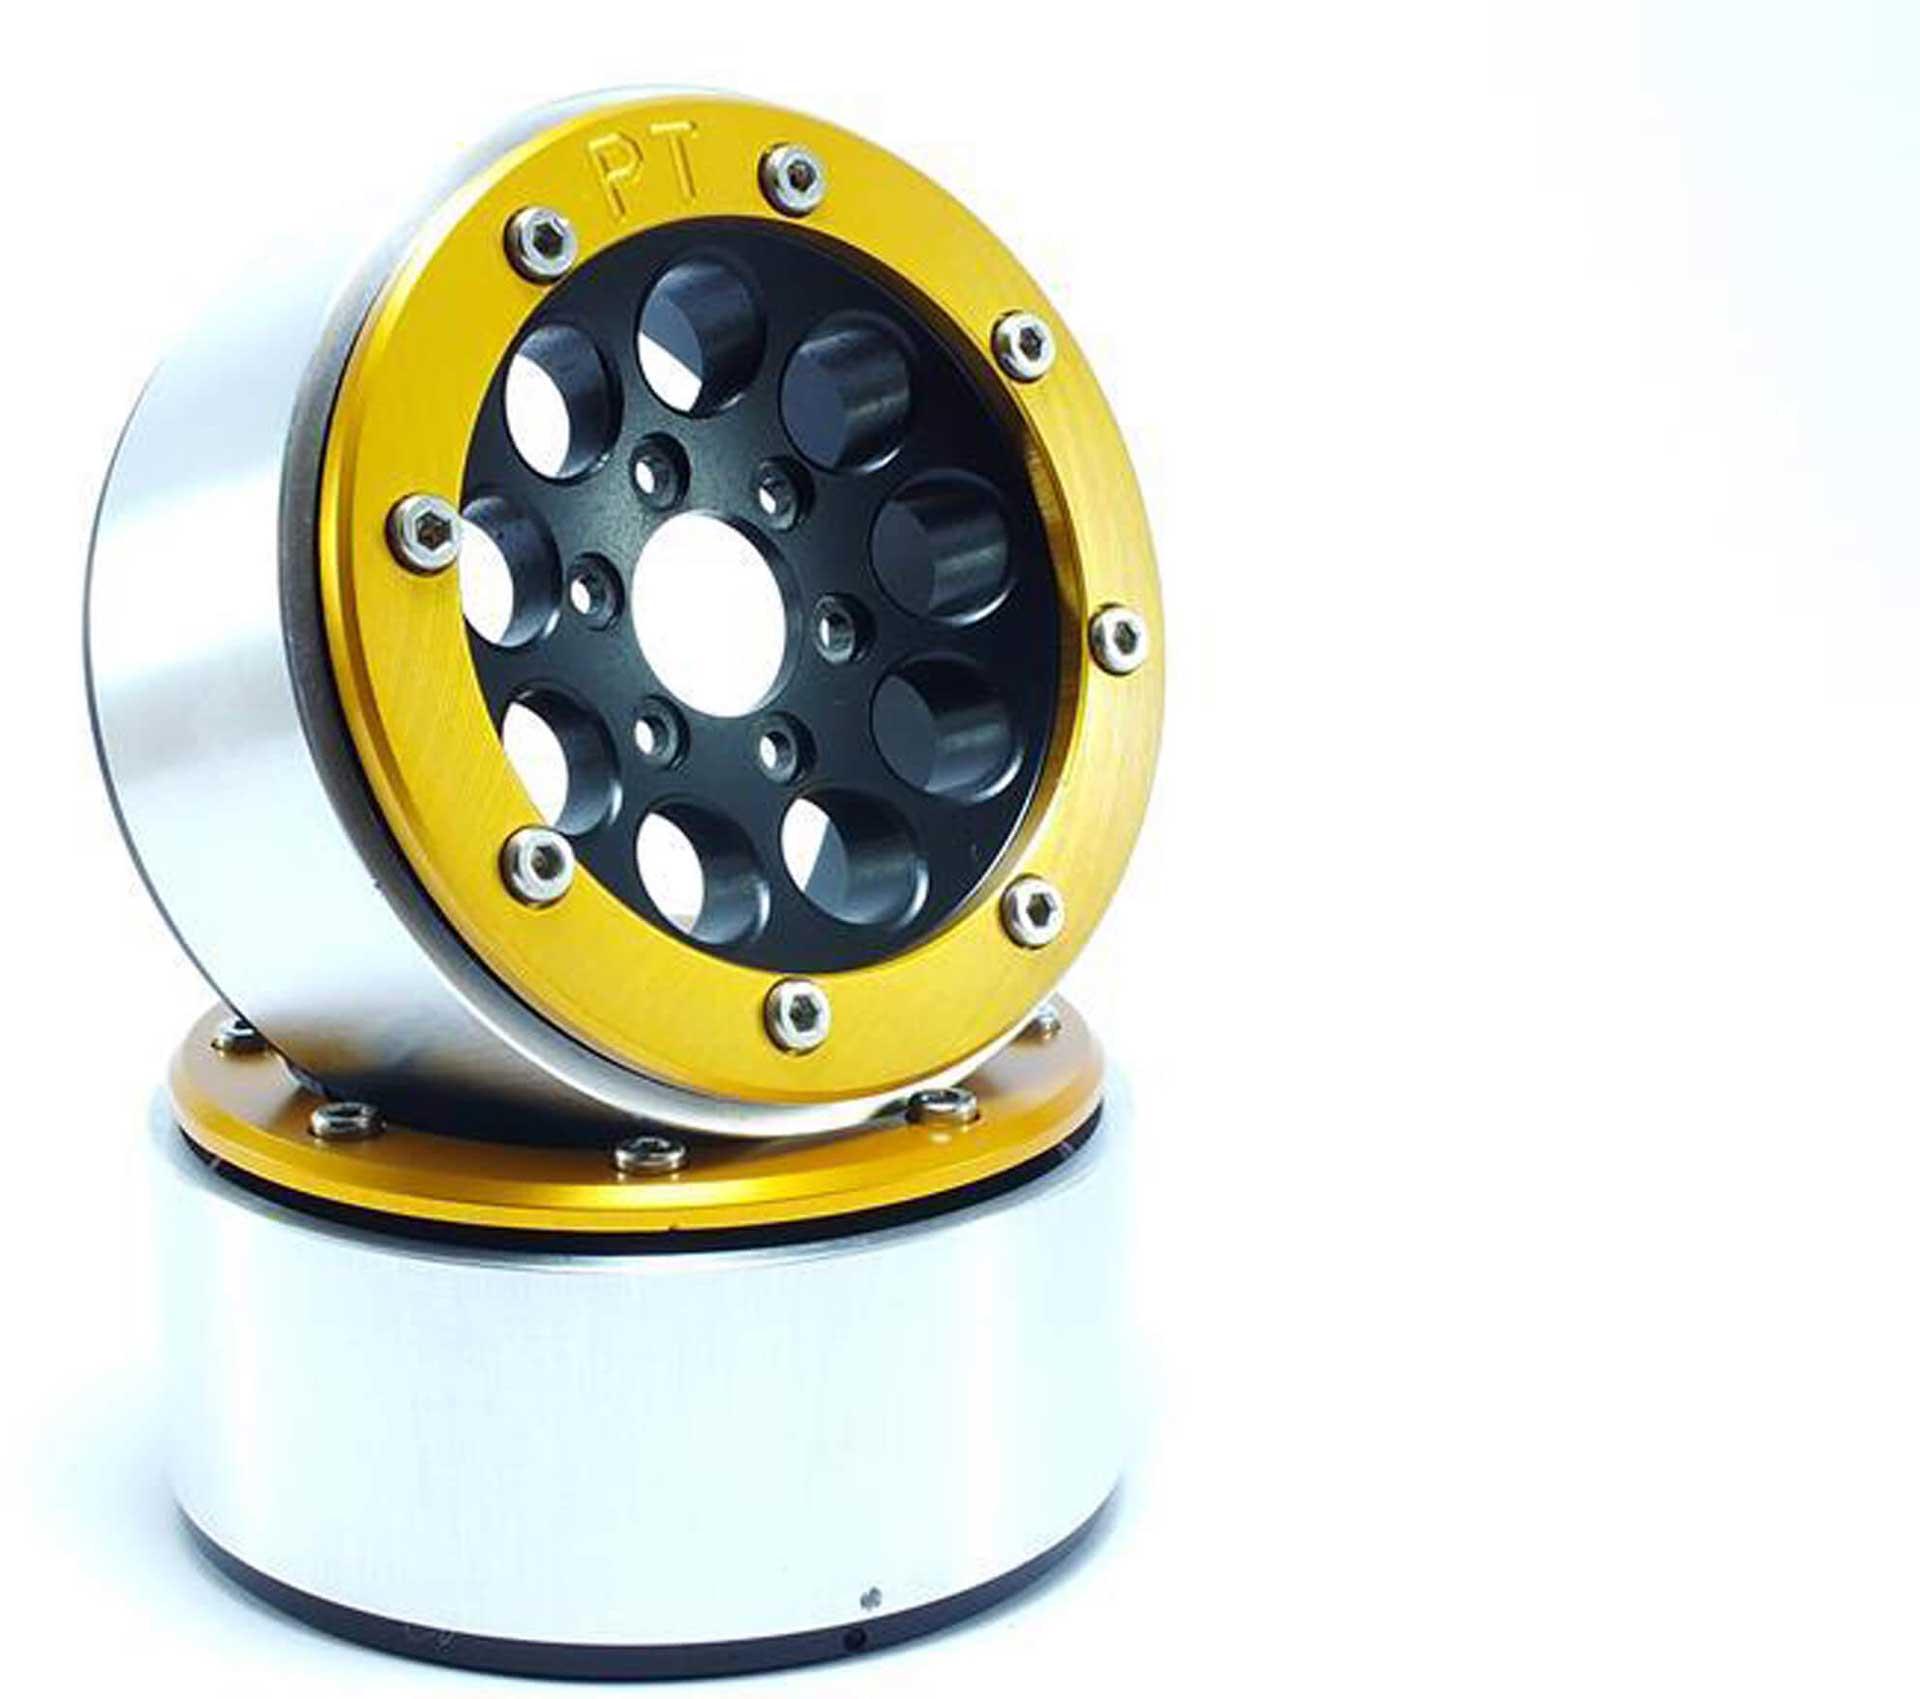 Metsafil Beadlock Wheels GUN schwarz/gold 1.9 (2 St.) ohne Radnabe